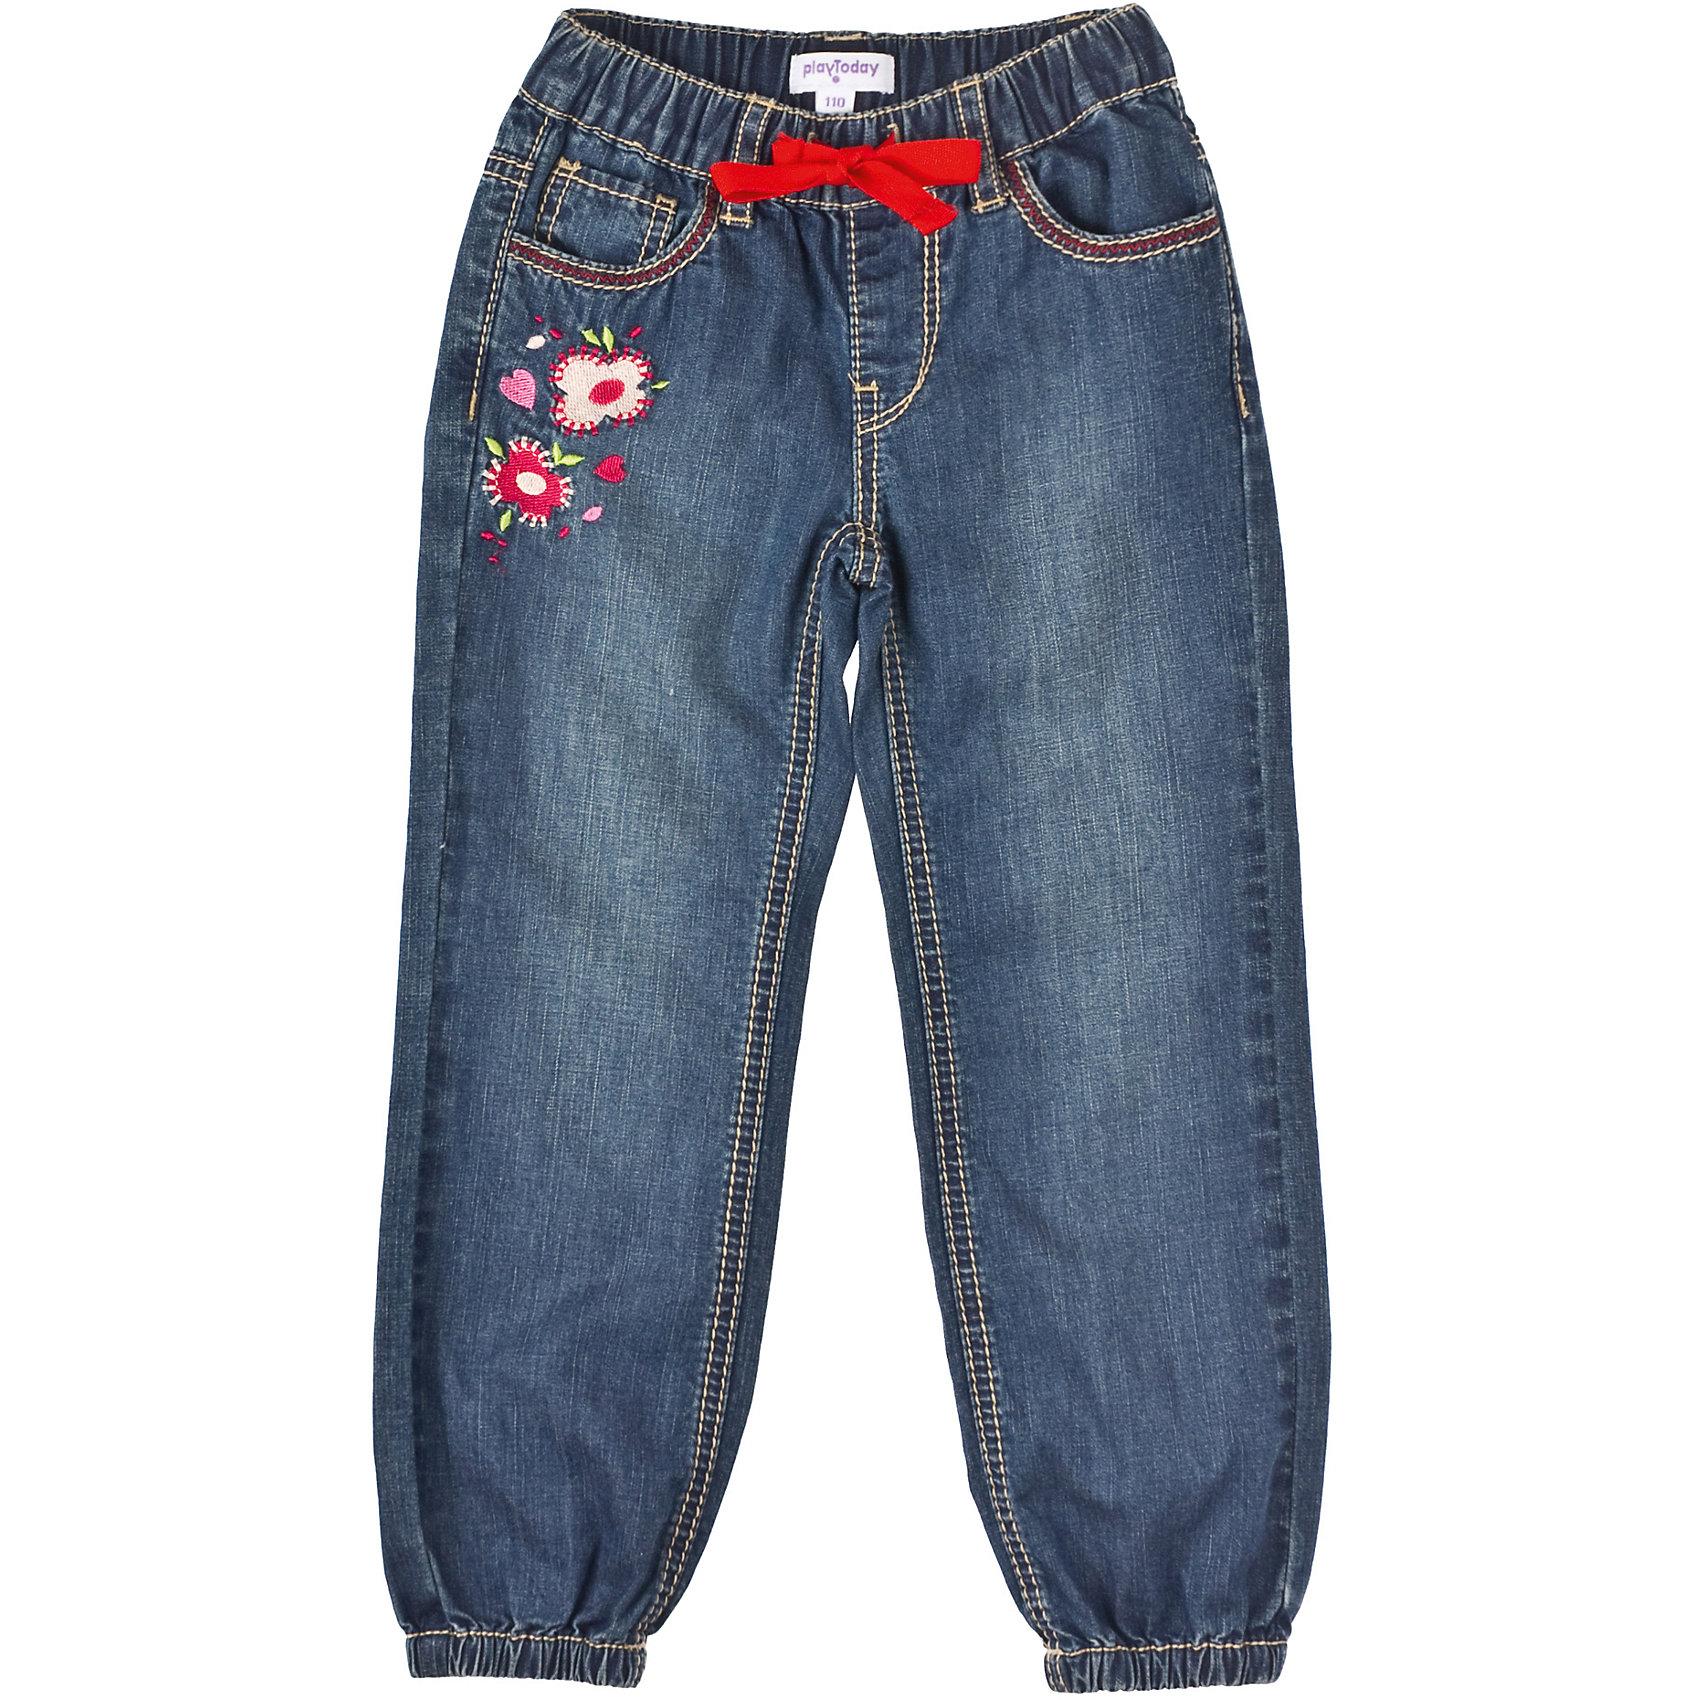 Джинсы для девочки PlayTodayБрюки для девочки PlayToday Джинсовые брюки для девочек. Пояс на резинке, отделан контрасной лентой. Низ штанин на резинках. Брюки декорированы красивой цветочной вышивкой, которая понравится всем девочкам. Состав: 100% хлопок<br><br>Ширина мм: 215<br>Глубина мм: 88<br>Высота мм: 191<br>Вес г: 336<br>Цвет: синий<br>Возраст от месяцев: 60<br>Возраст до месяцев: 72<br>Пол: Женский<br>Возраст: Детский<br>Размер: 116,122,98,110,104,128<br>SKU: 4228807